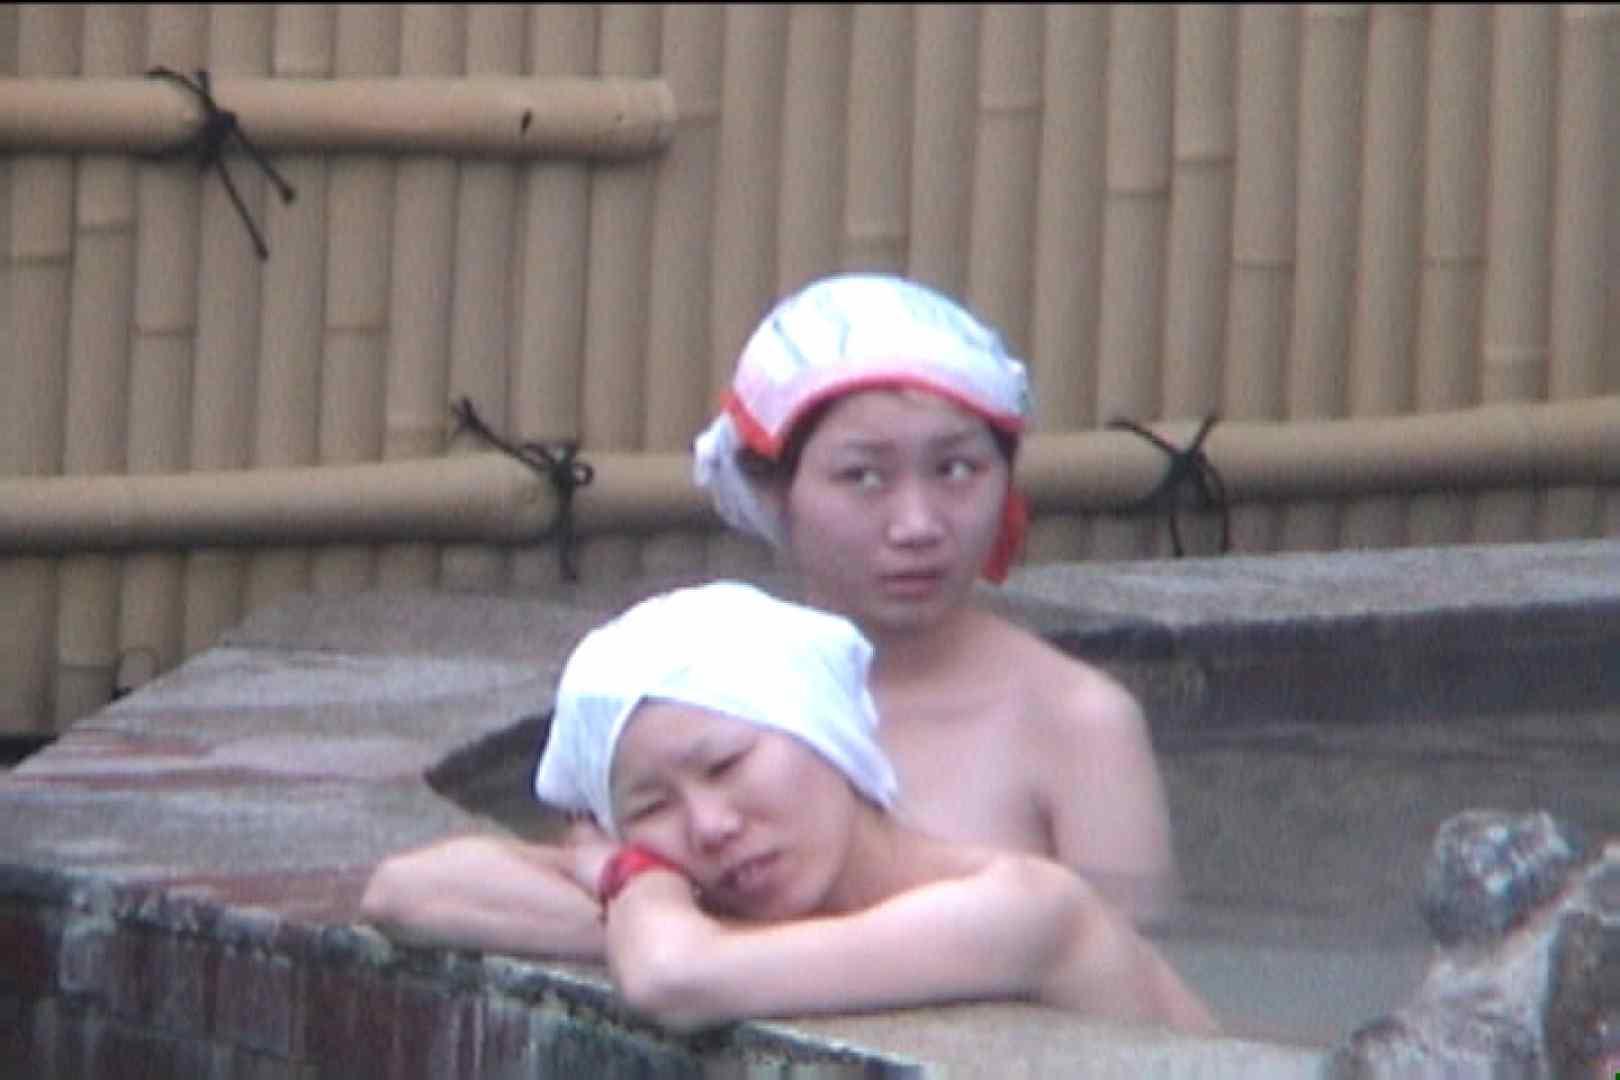 Aquaな露天風呂Vol.91【VIP限定】 盗撮師作品 | 美しいOLの裸体  77pic 19